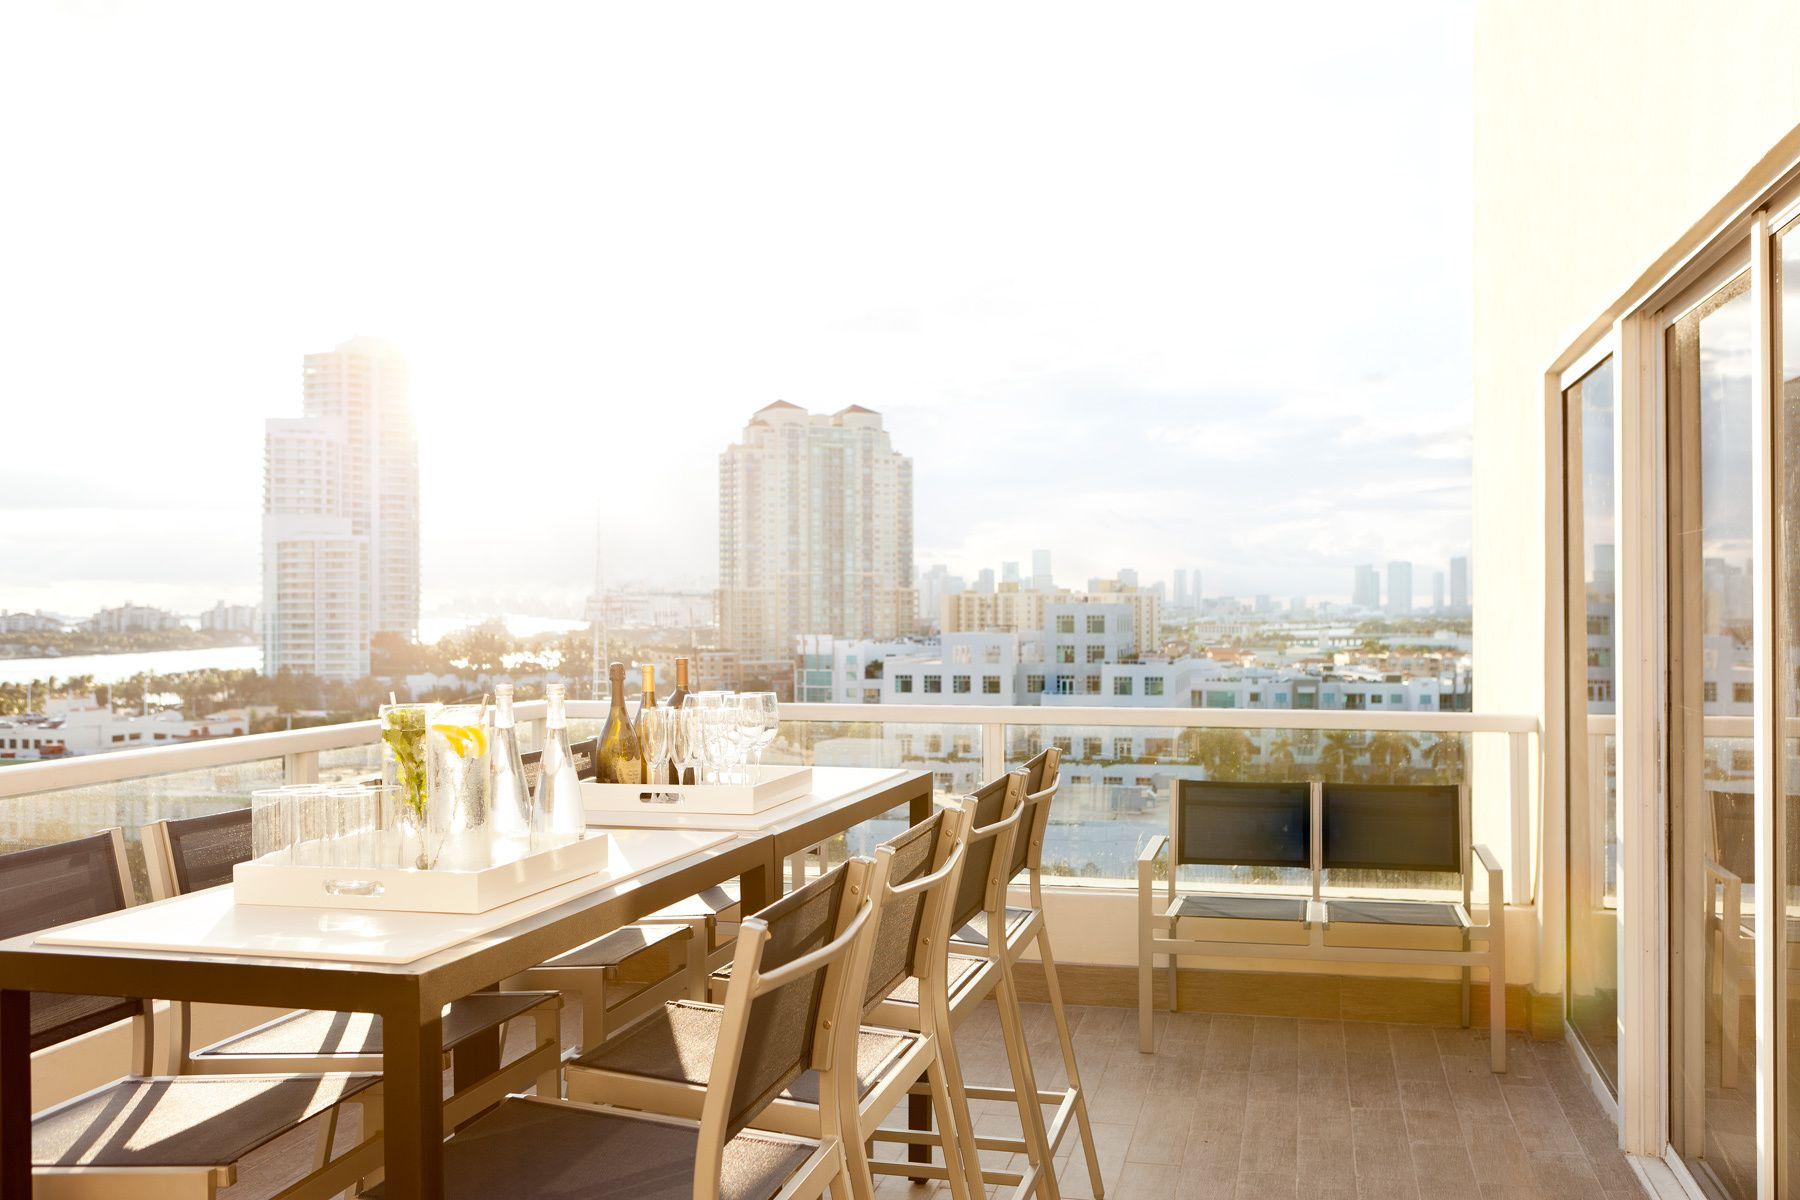 Resort Rooftop Catering